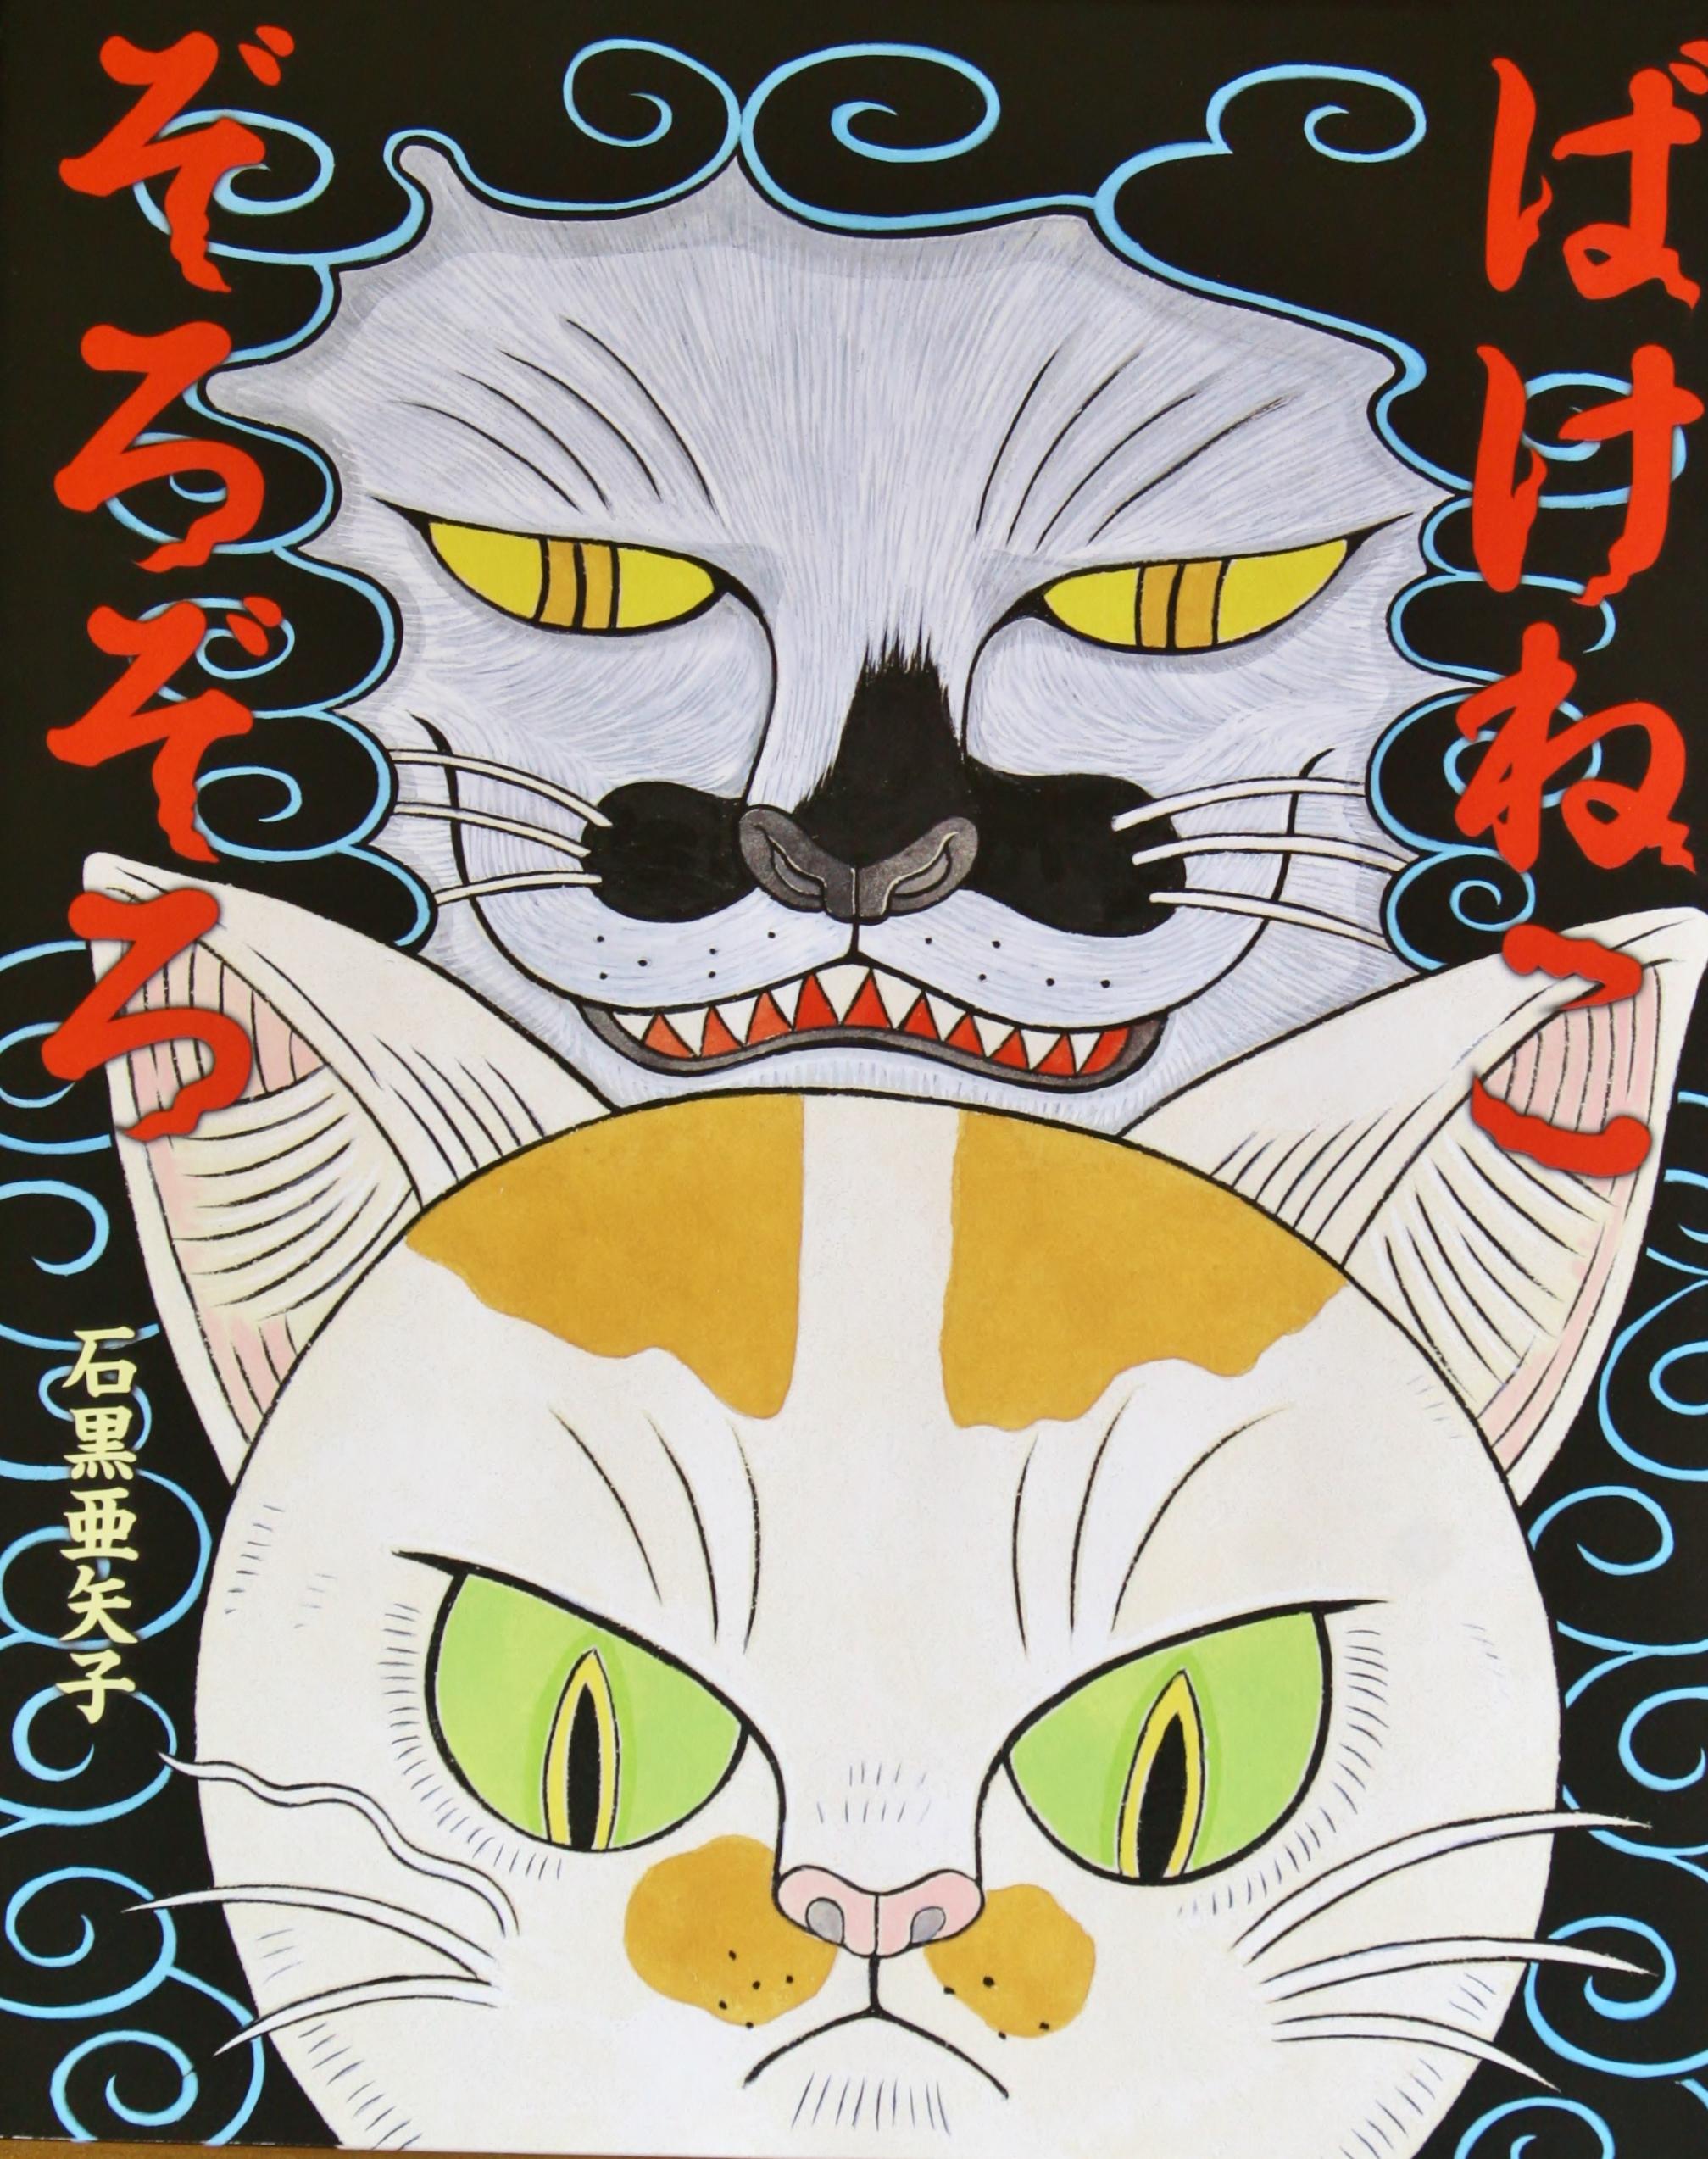 猫絵本 絵本 猫雑貨 秋田 かぎしっぽ ばけねこぞろぞろ 石黒亜矢子